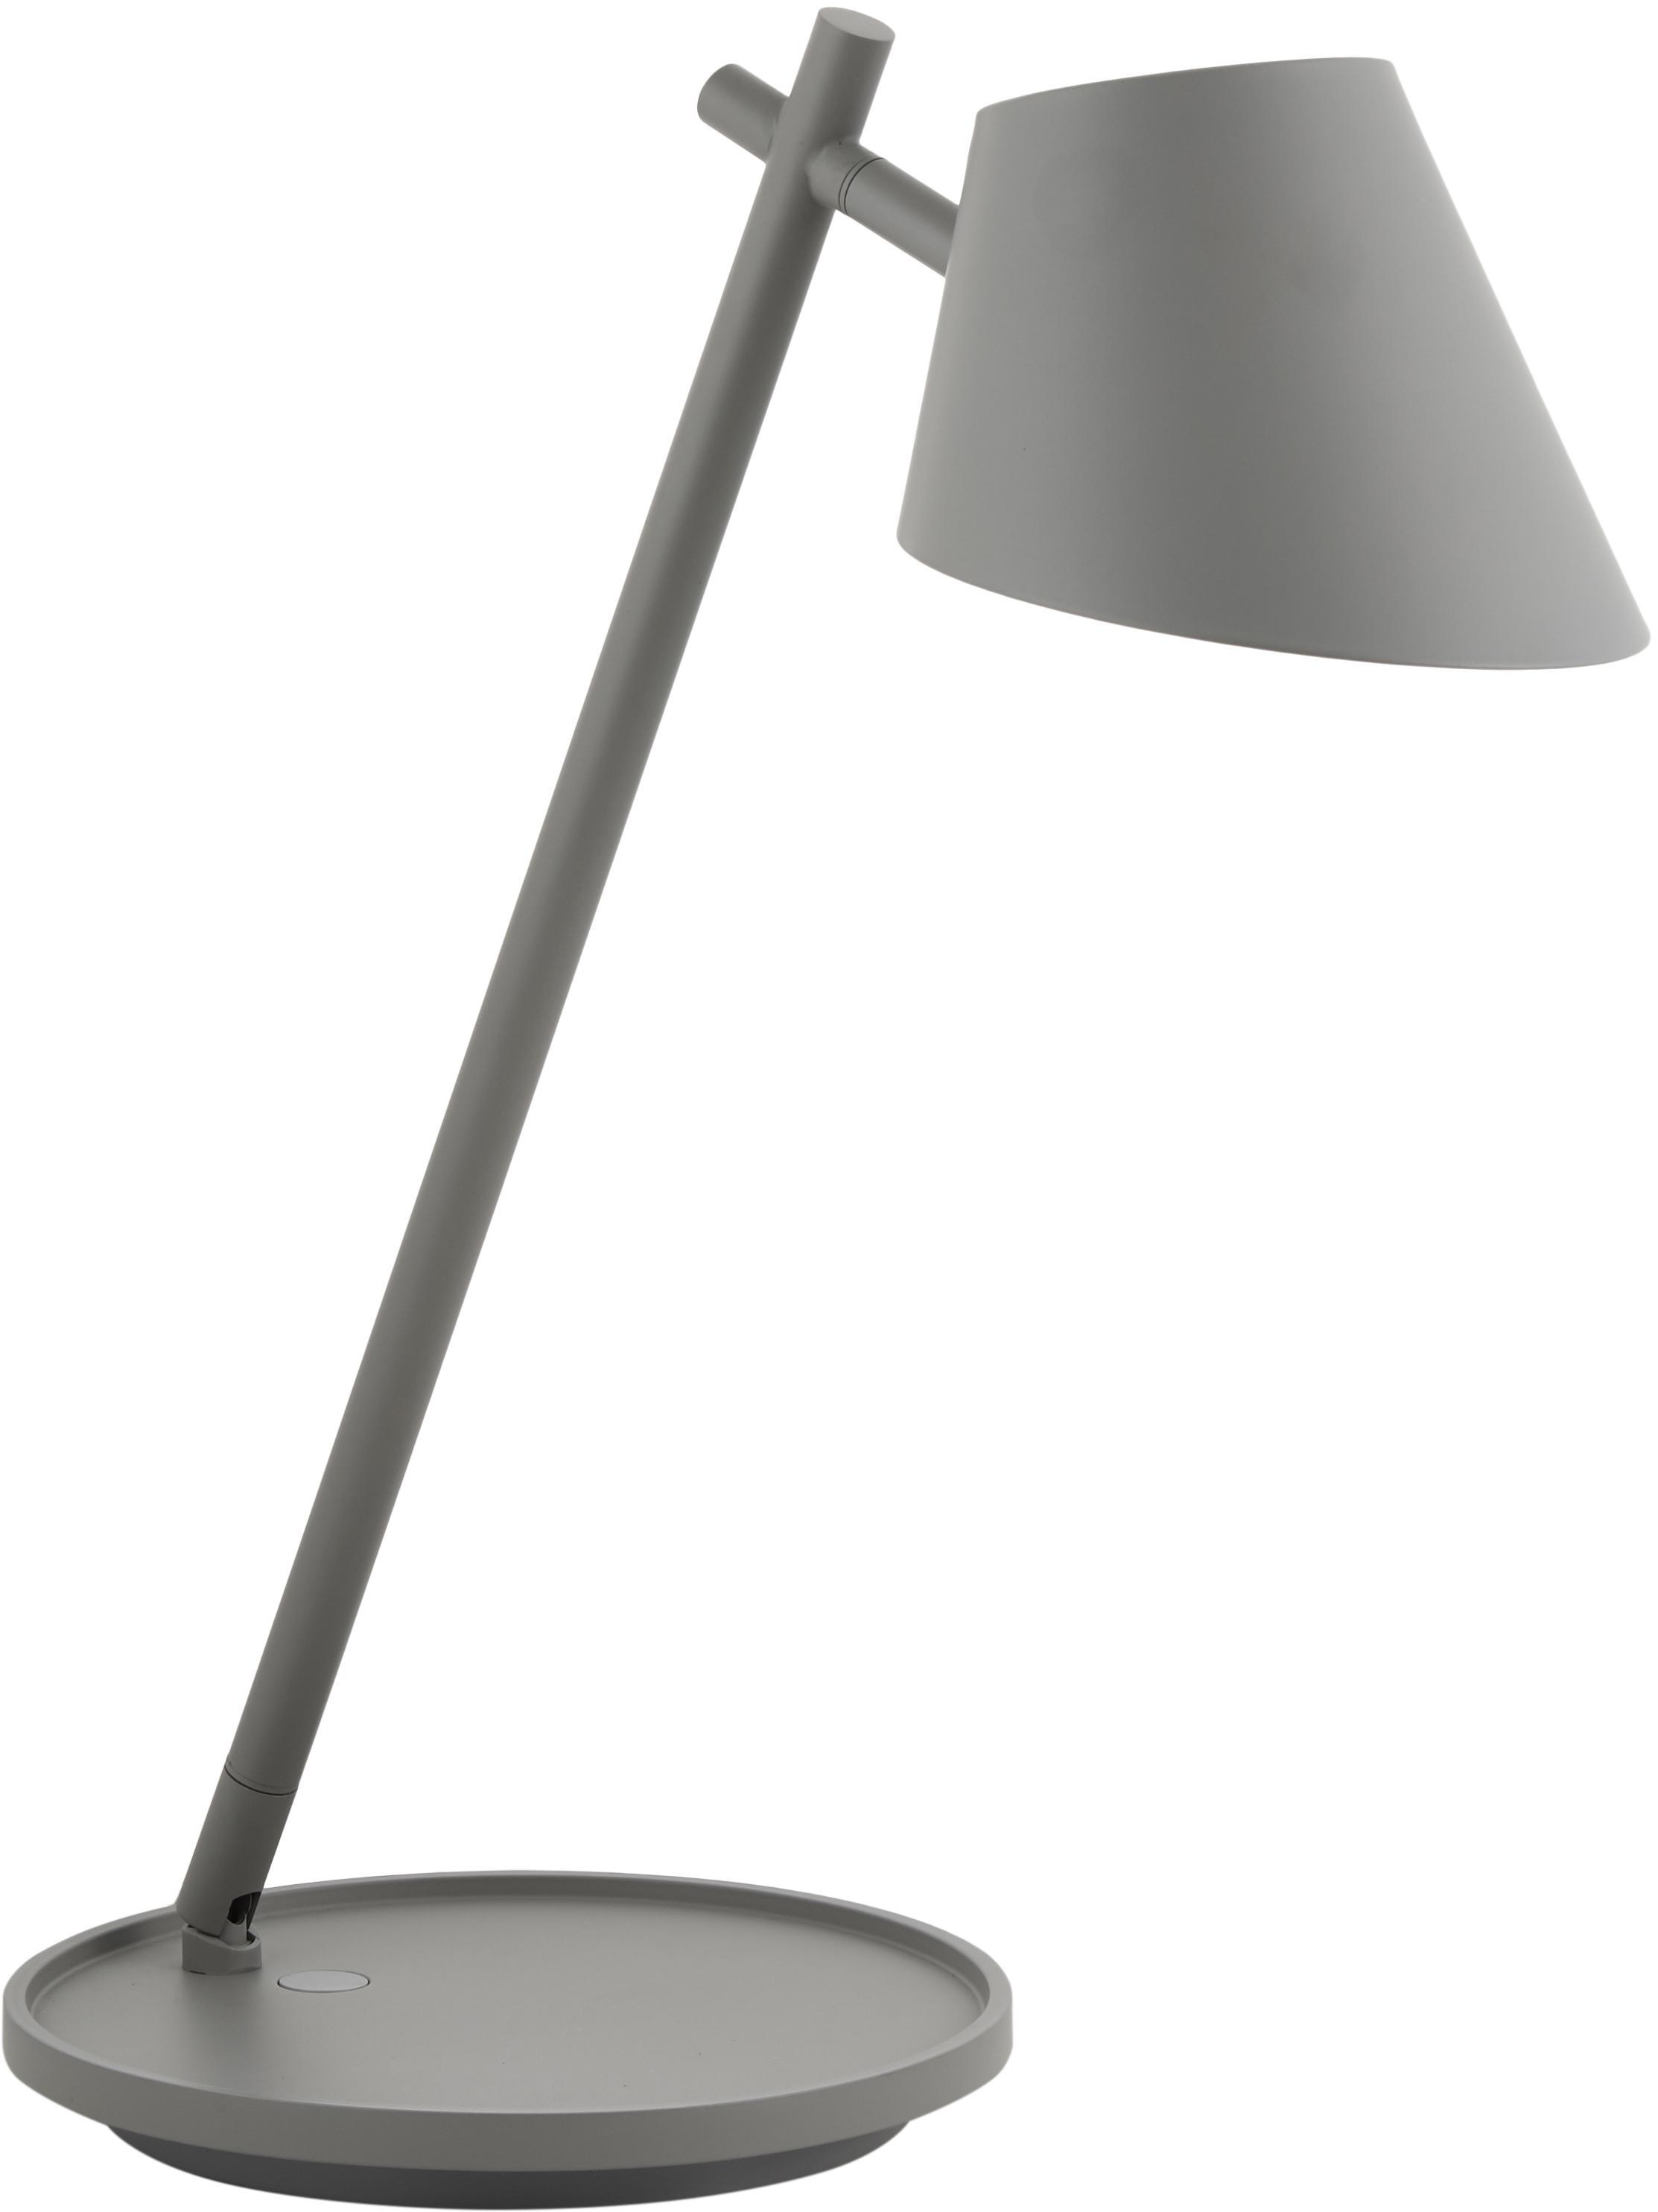 Dimmbare LED-Schreibtischlampe Mora in Grau, Lampenschirm: Aluminium, Lampenfuß: Aluminium, Kunststoff, Grau, Ø 15 x H 47 cm